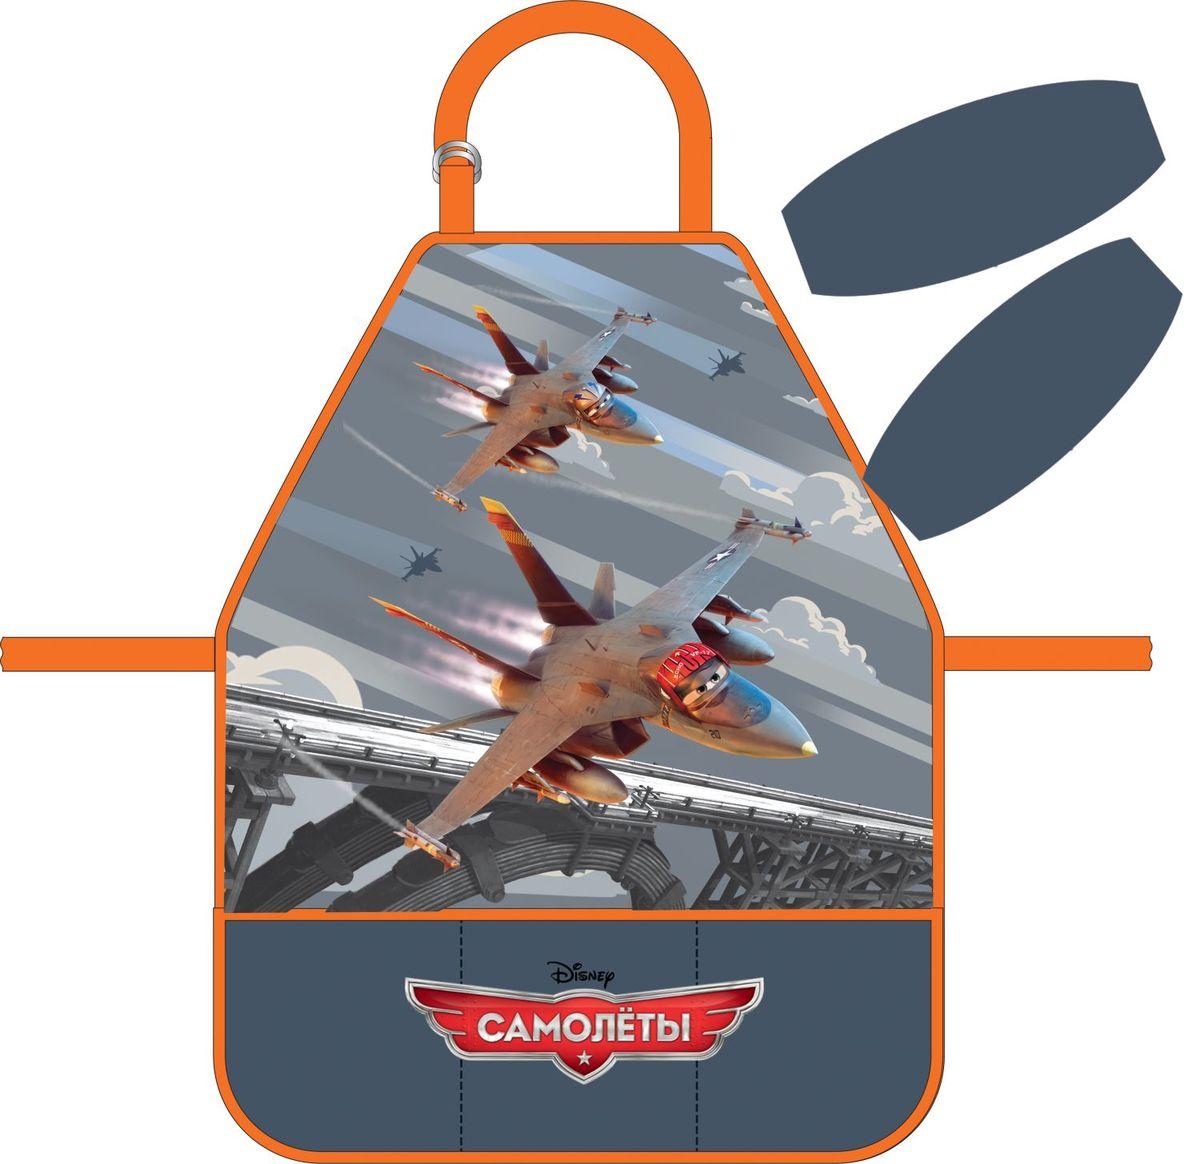 Erich Krause Фартук Flying Planes с нарукавниками39734фартук для детского творчества с нарукавниками. Нарукавники на липучках-фиксаторах. Легкая ткань с водоотталкивающей пропиткой. Фартук дополнен тремя кармашками.